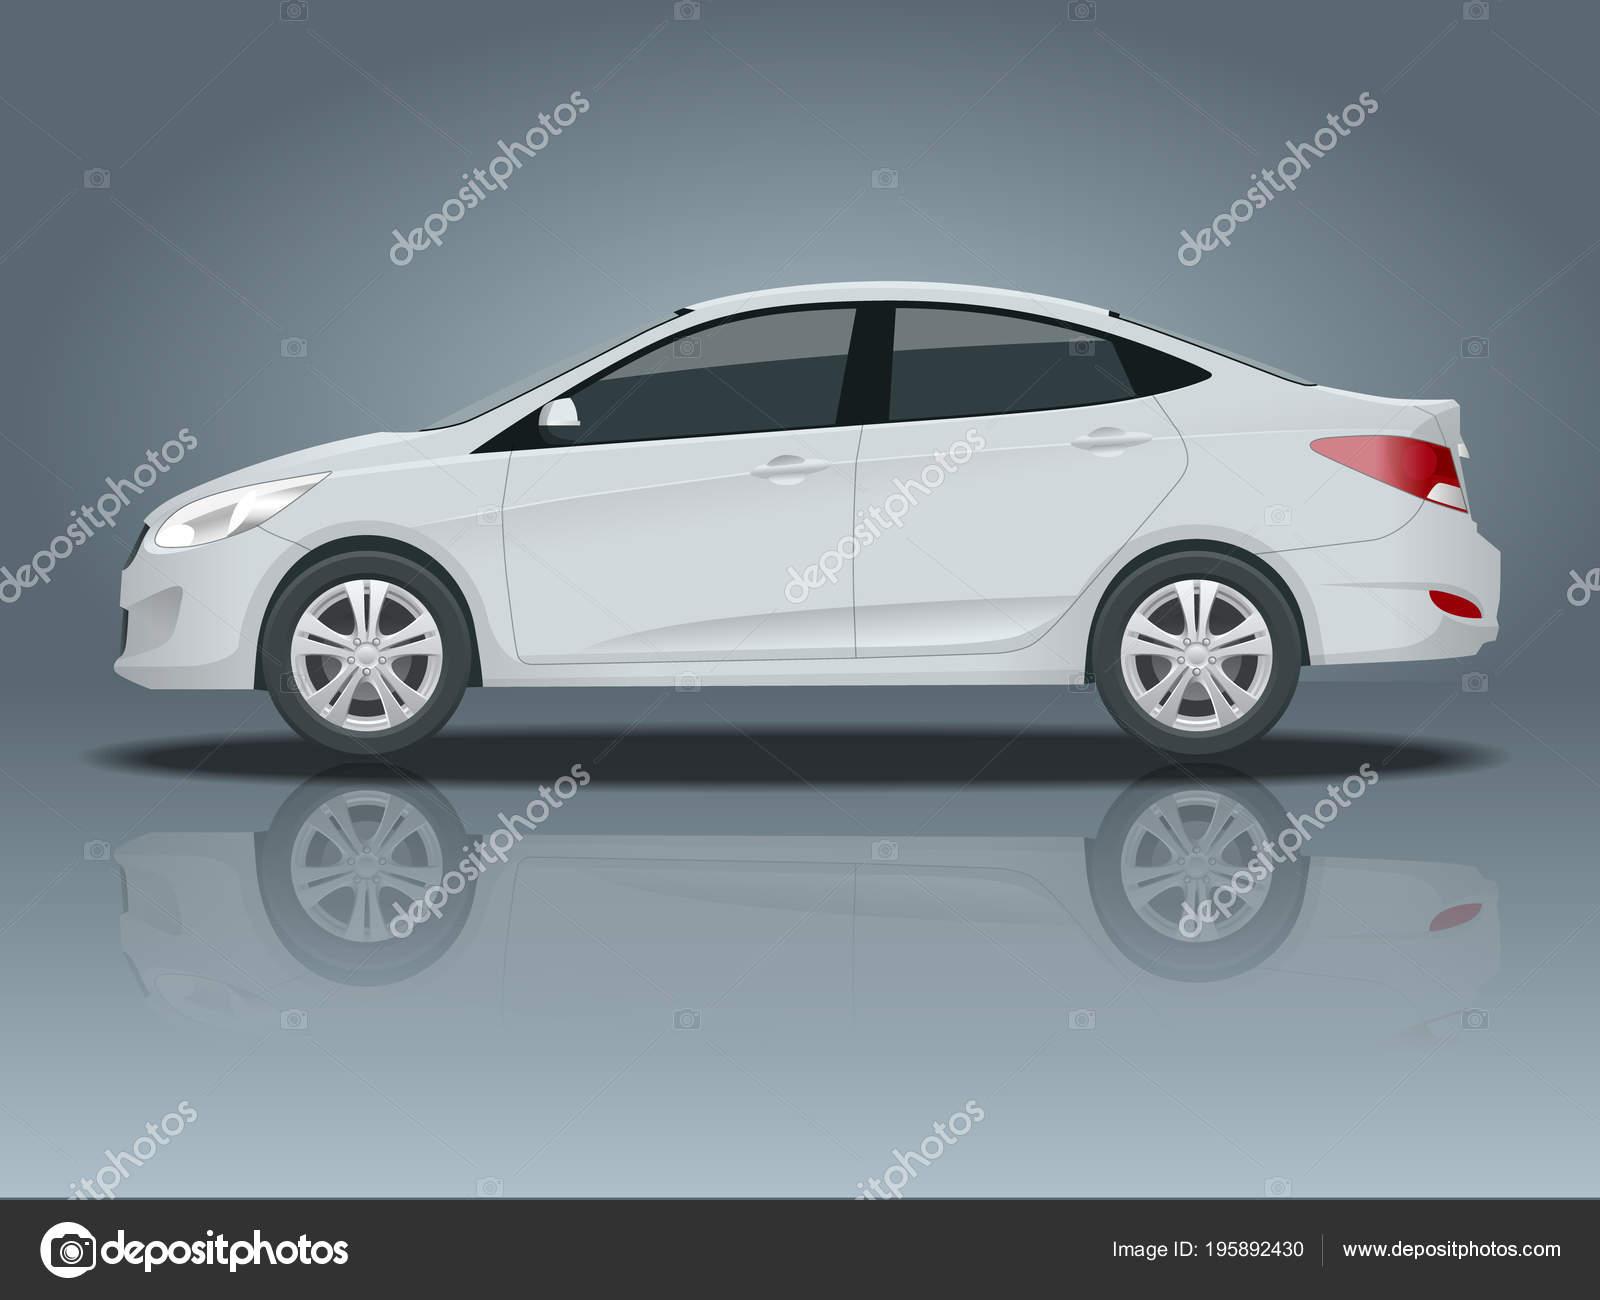 Bir araba için bir reklam gönderin - modern bir yol